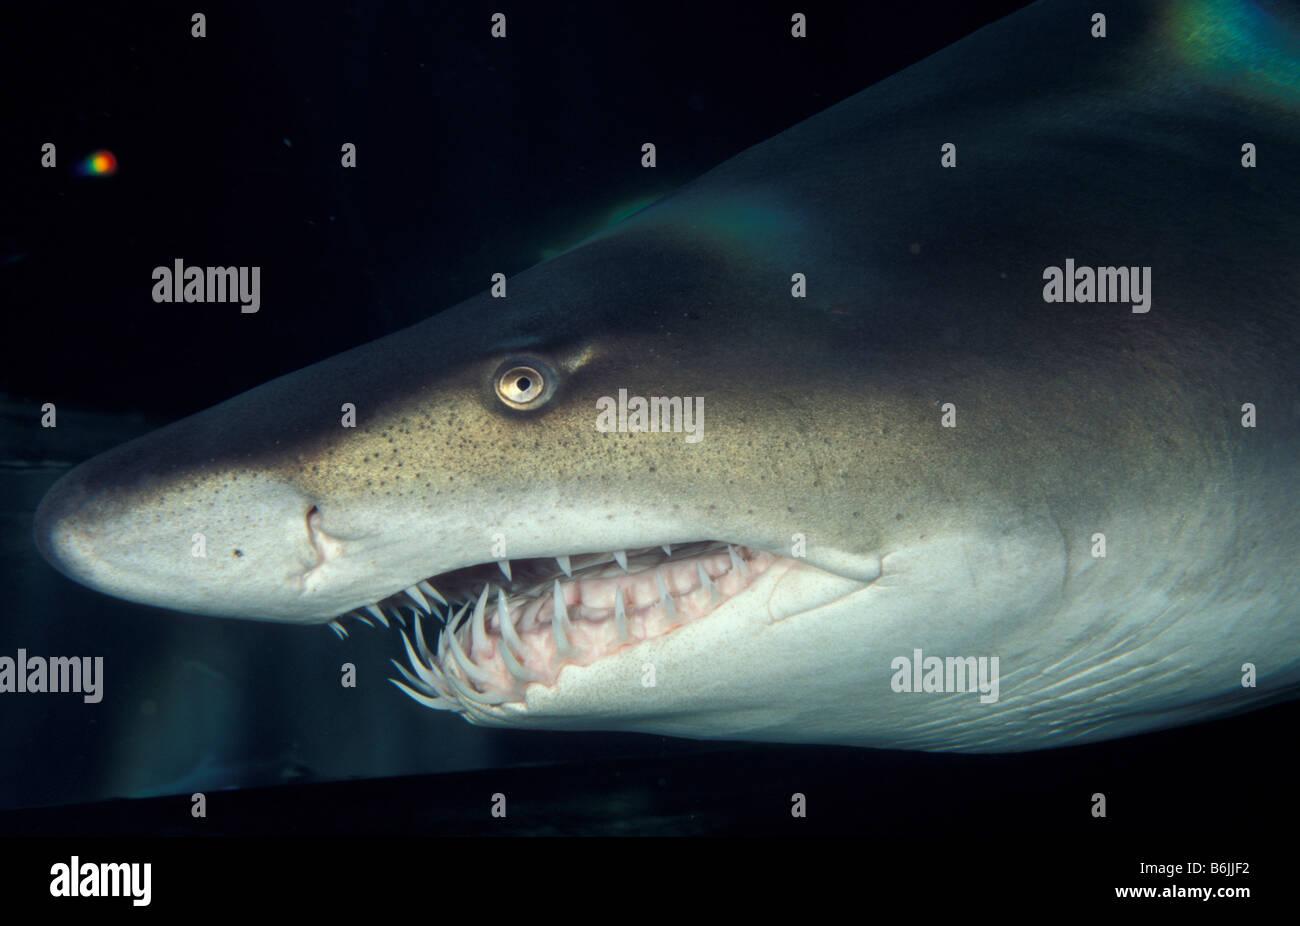 Großzügig Große Weiße Hai Färbung Seite Bilder - Entry Level Resume ...